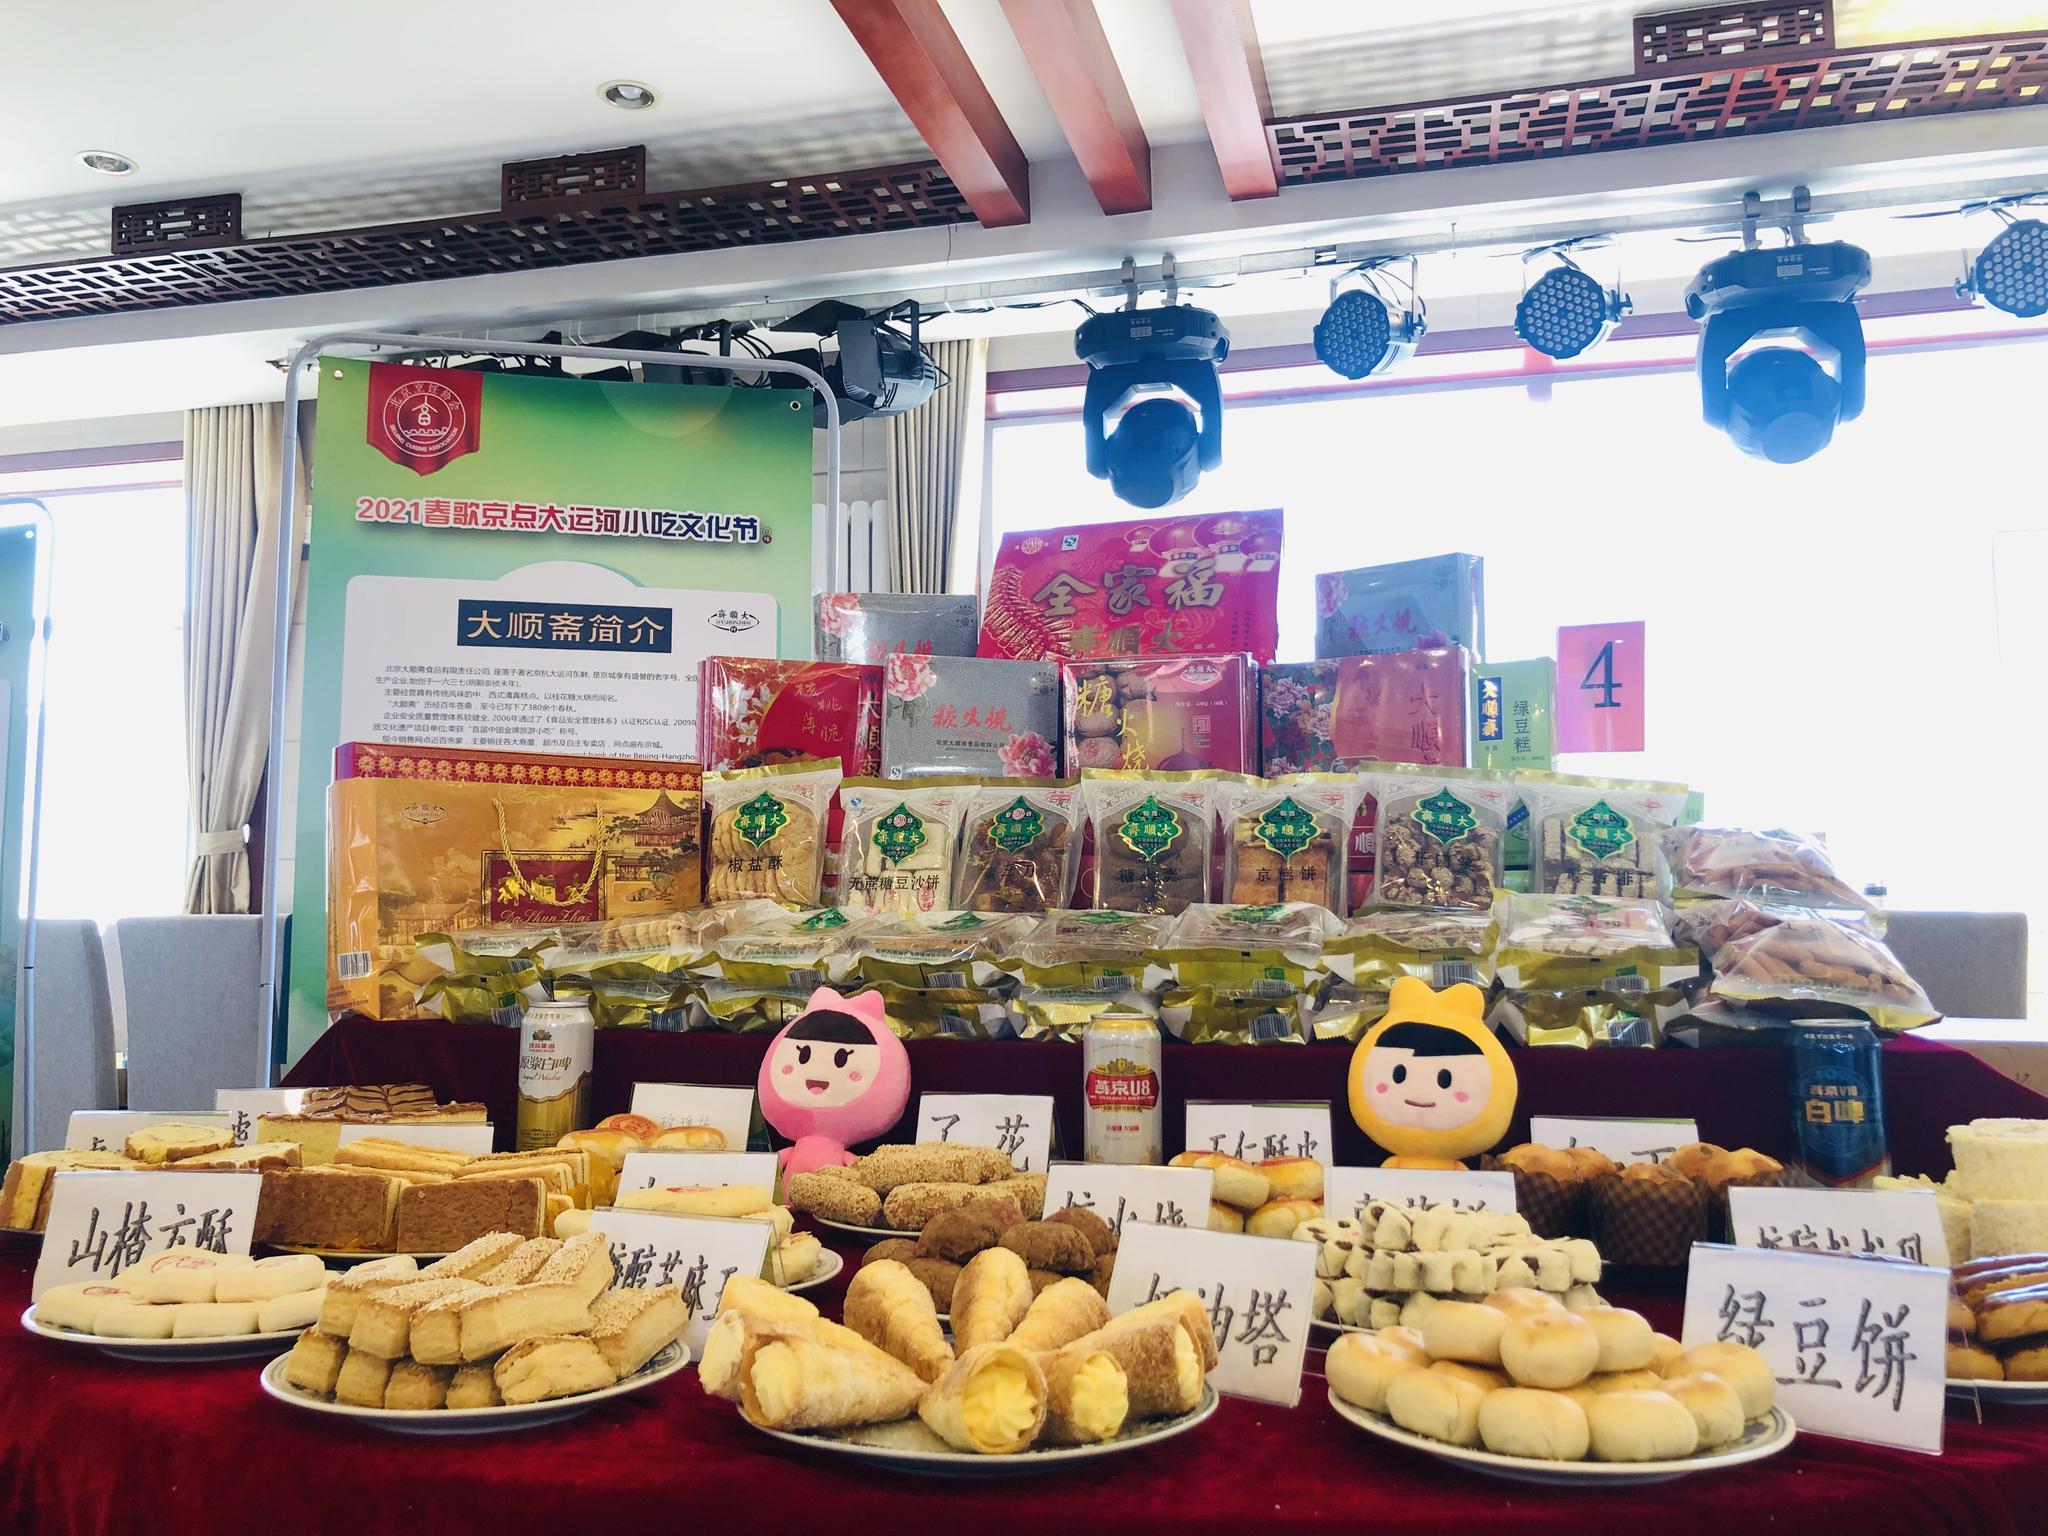 2021春歌京点大运河小吃文化节开幕,百种通州小吃亮相